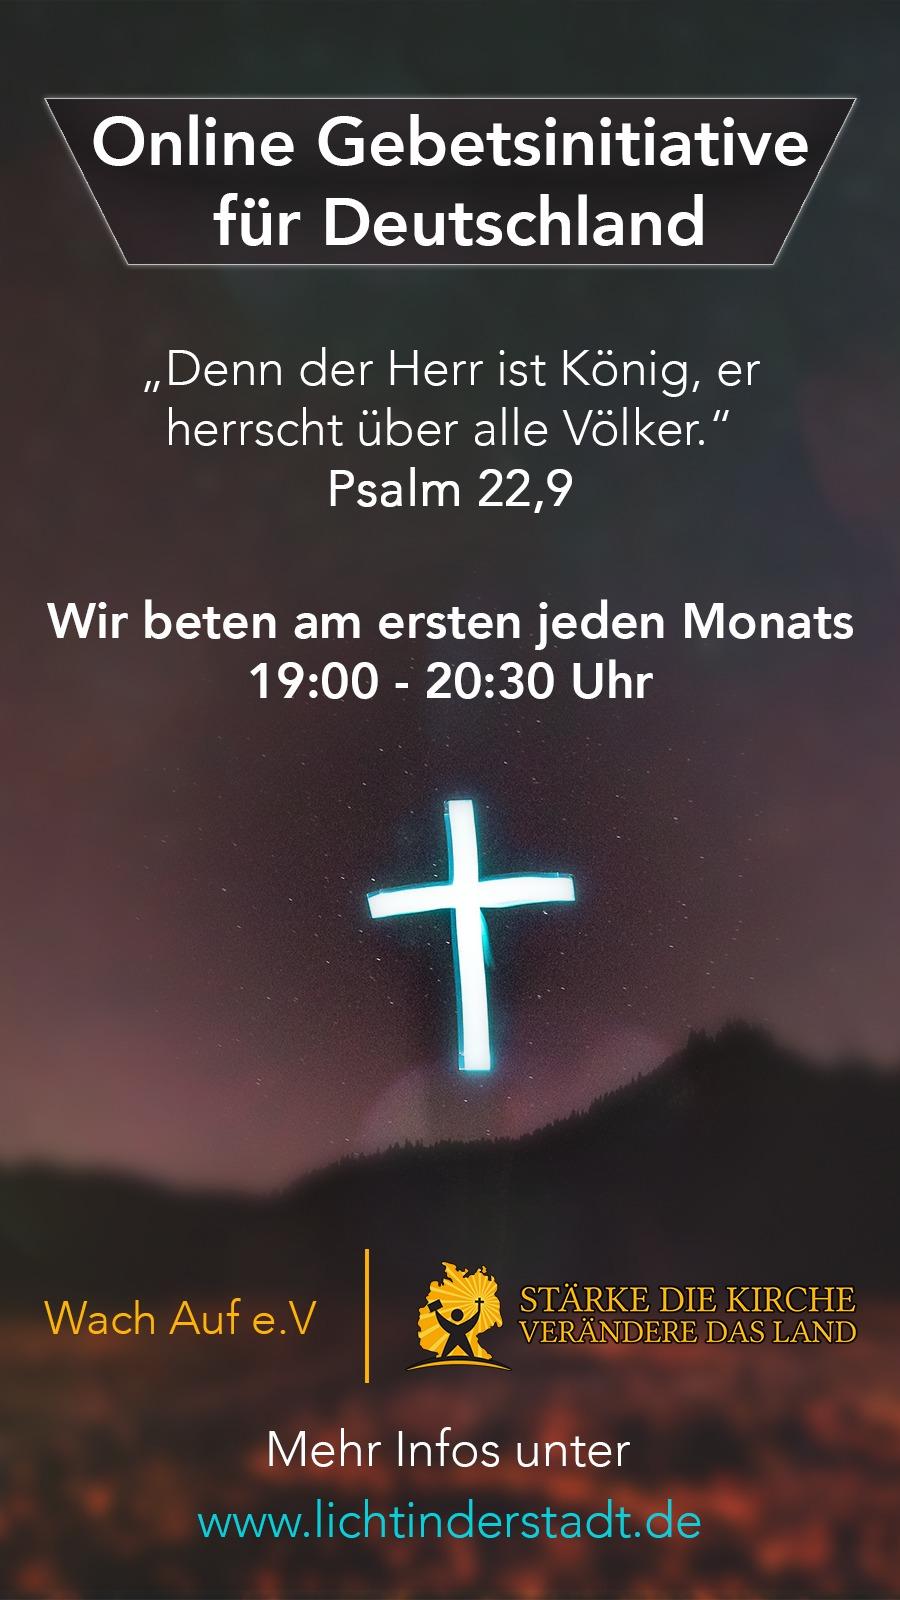 Online Gebetsinitiative für Deutschland